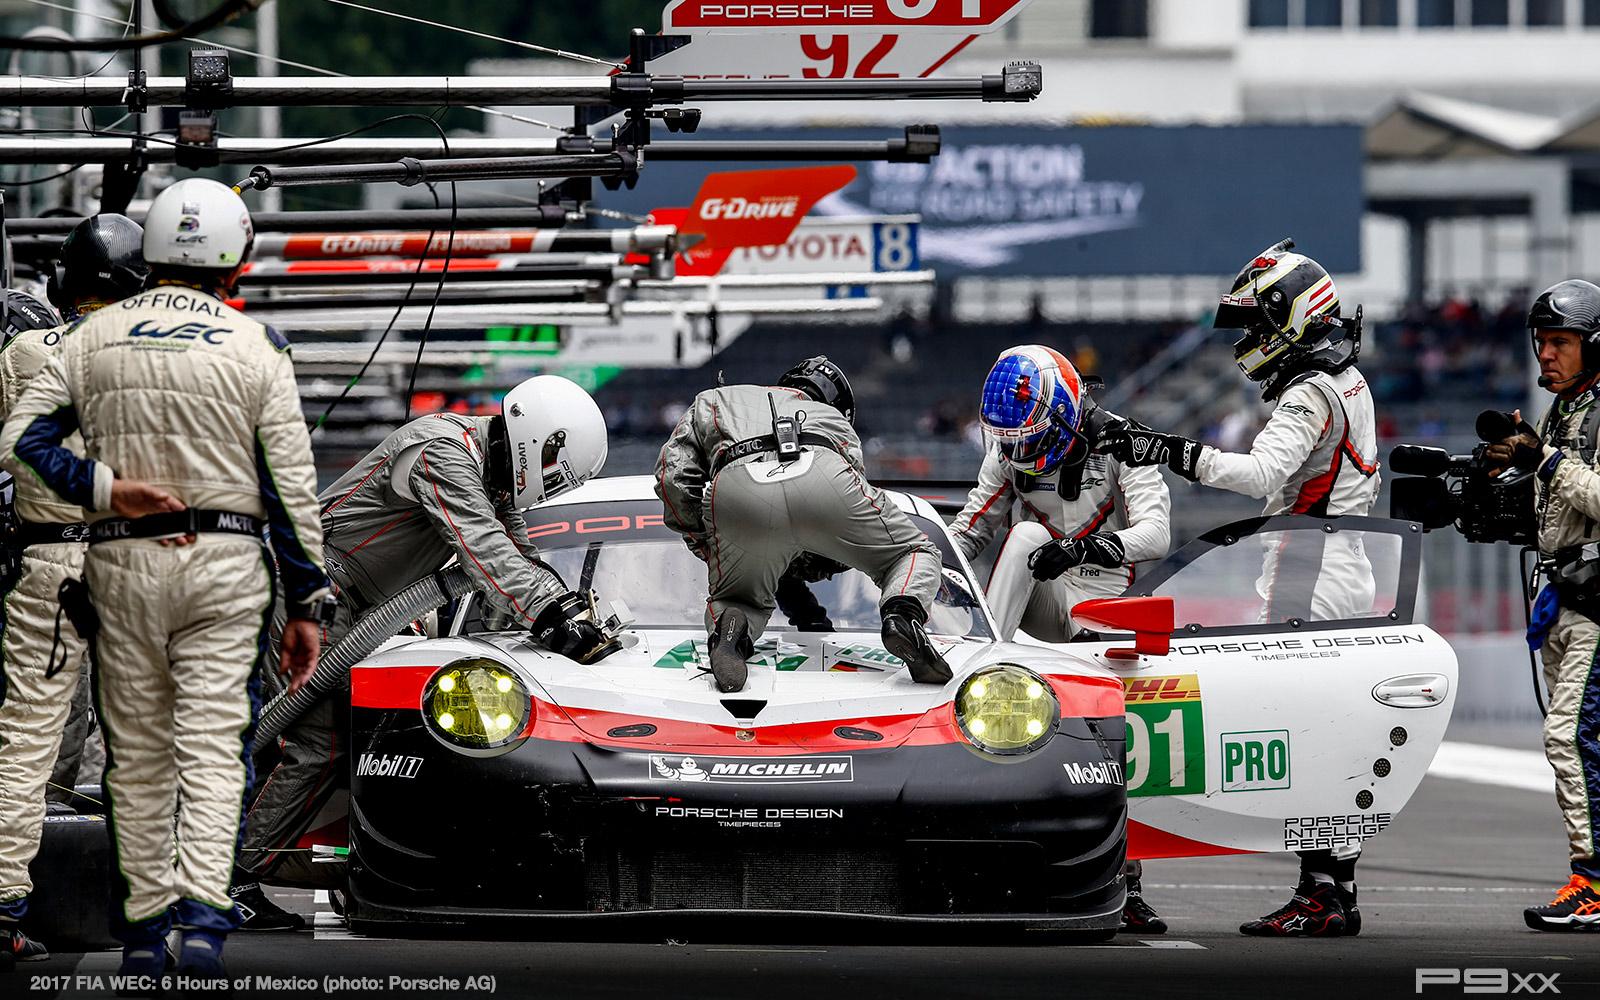 2017-FIA-WEC-6-HOURS-MEXICO-PORSCHE-1364